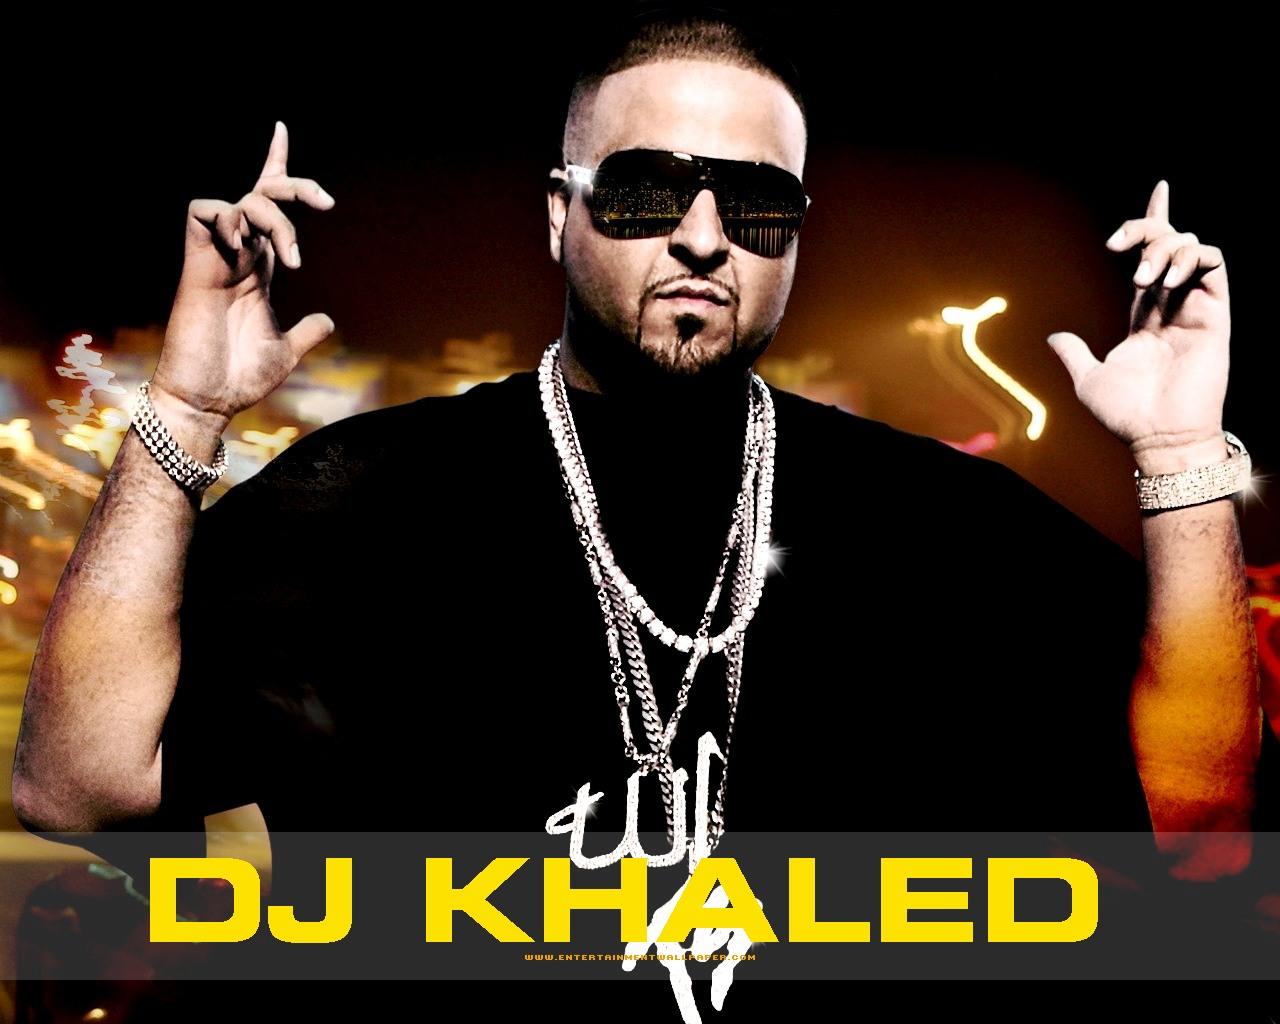 http://1.bp.blogspot.com/-70iq4nyAlas/T5_y63bcpNI/AAAAAAAAIAQ/TX9Bu-Xt4ZA/s1600/dj_khaled04.jpg